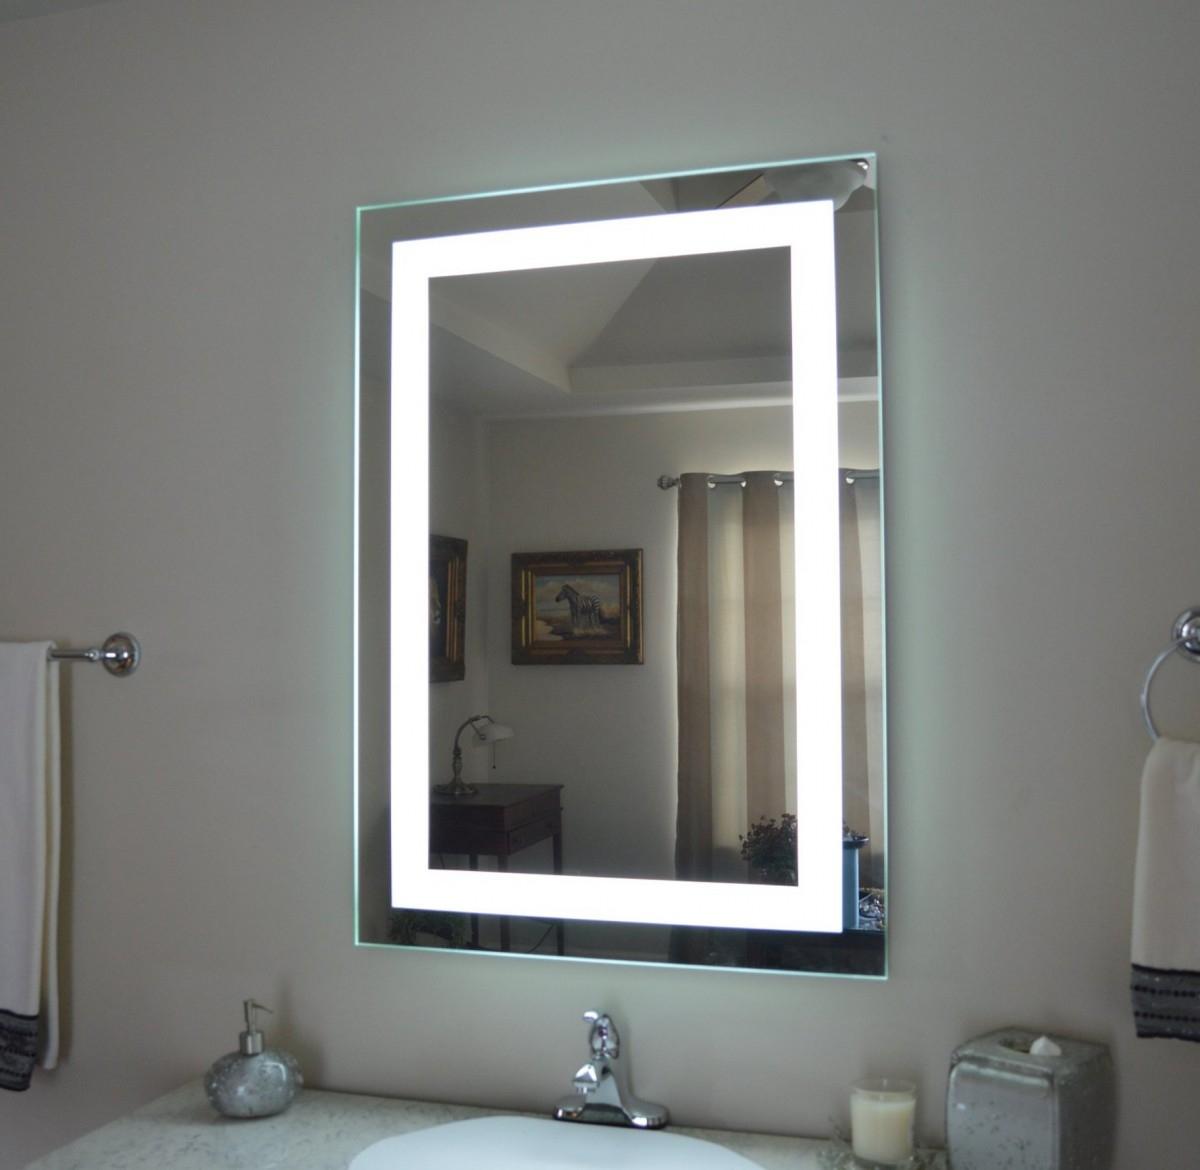 Bathroom Medicine Cabinet Mirror With Lights